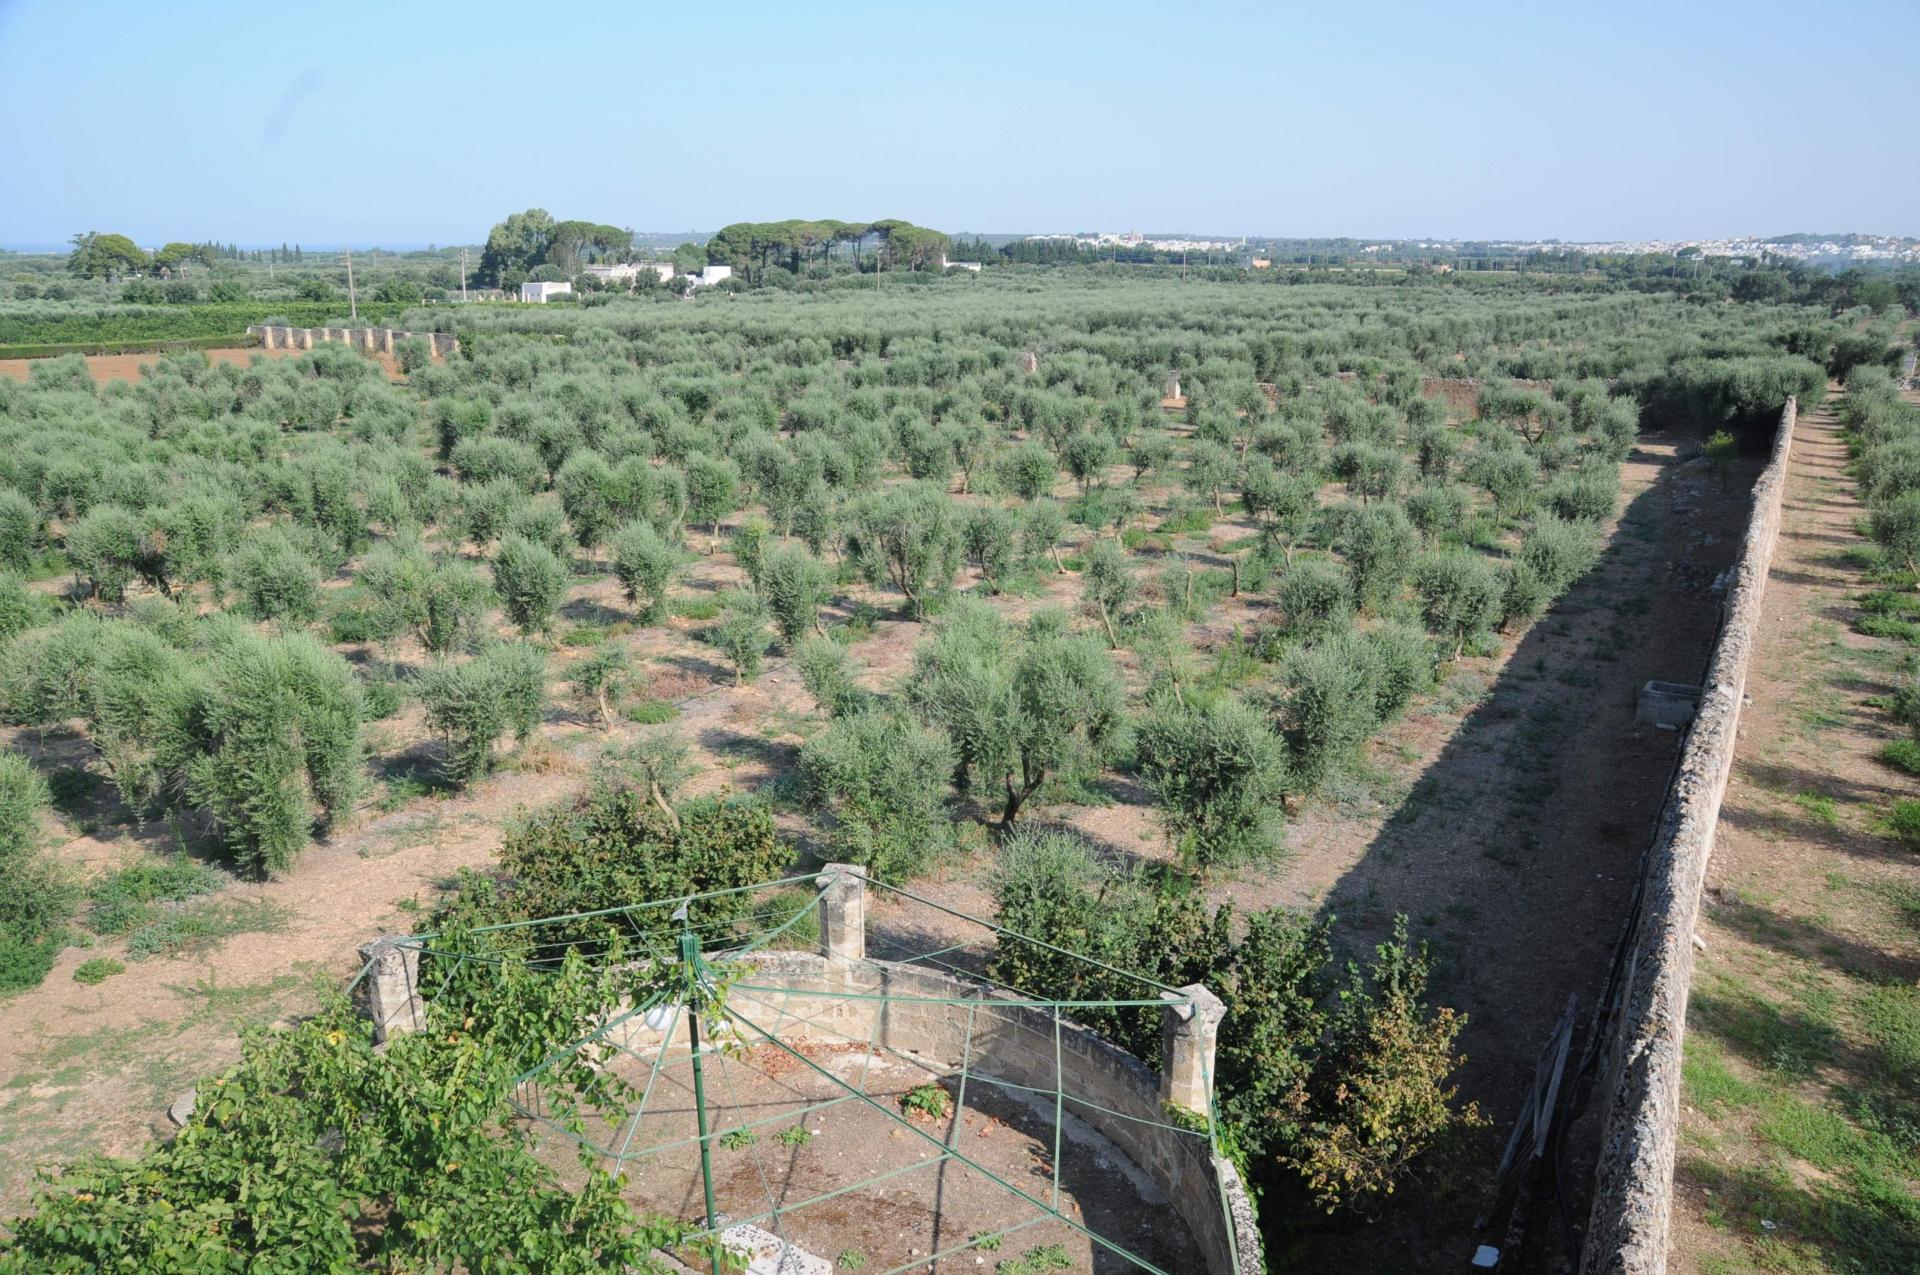 Breve storia dell'olivicoltura